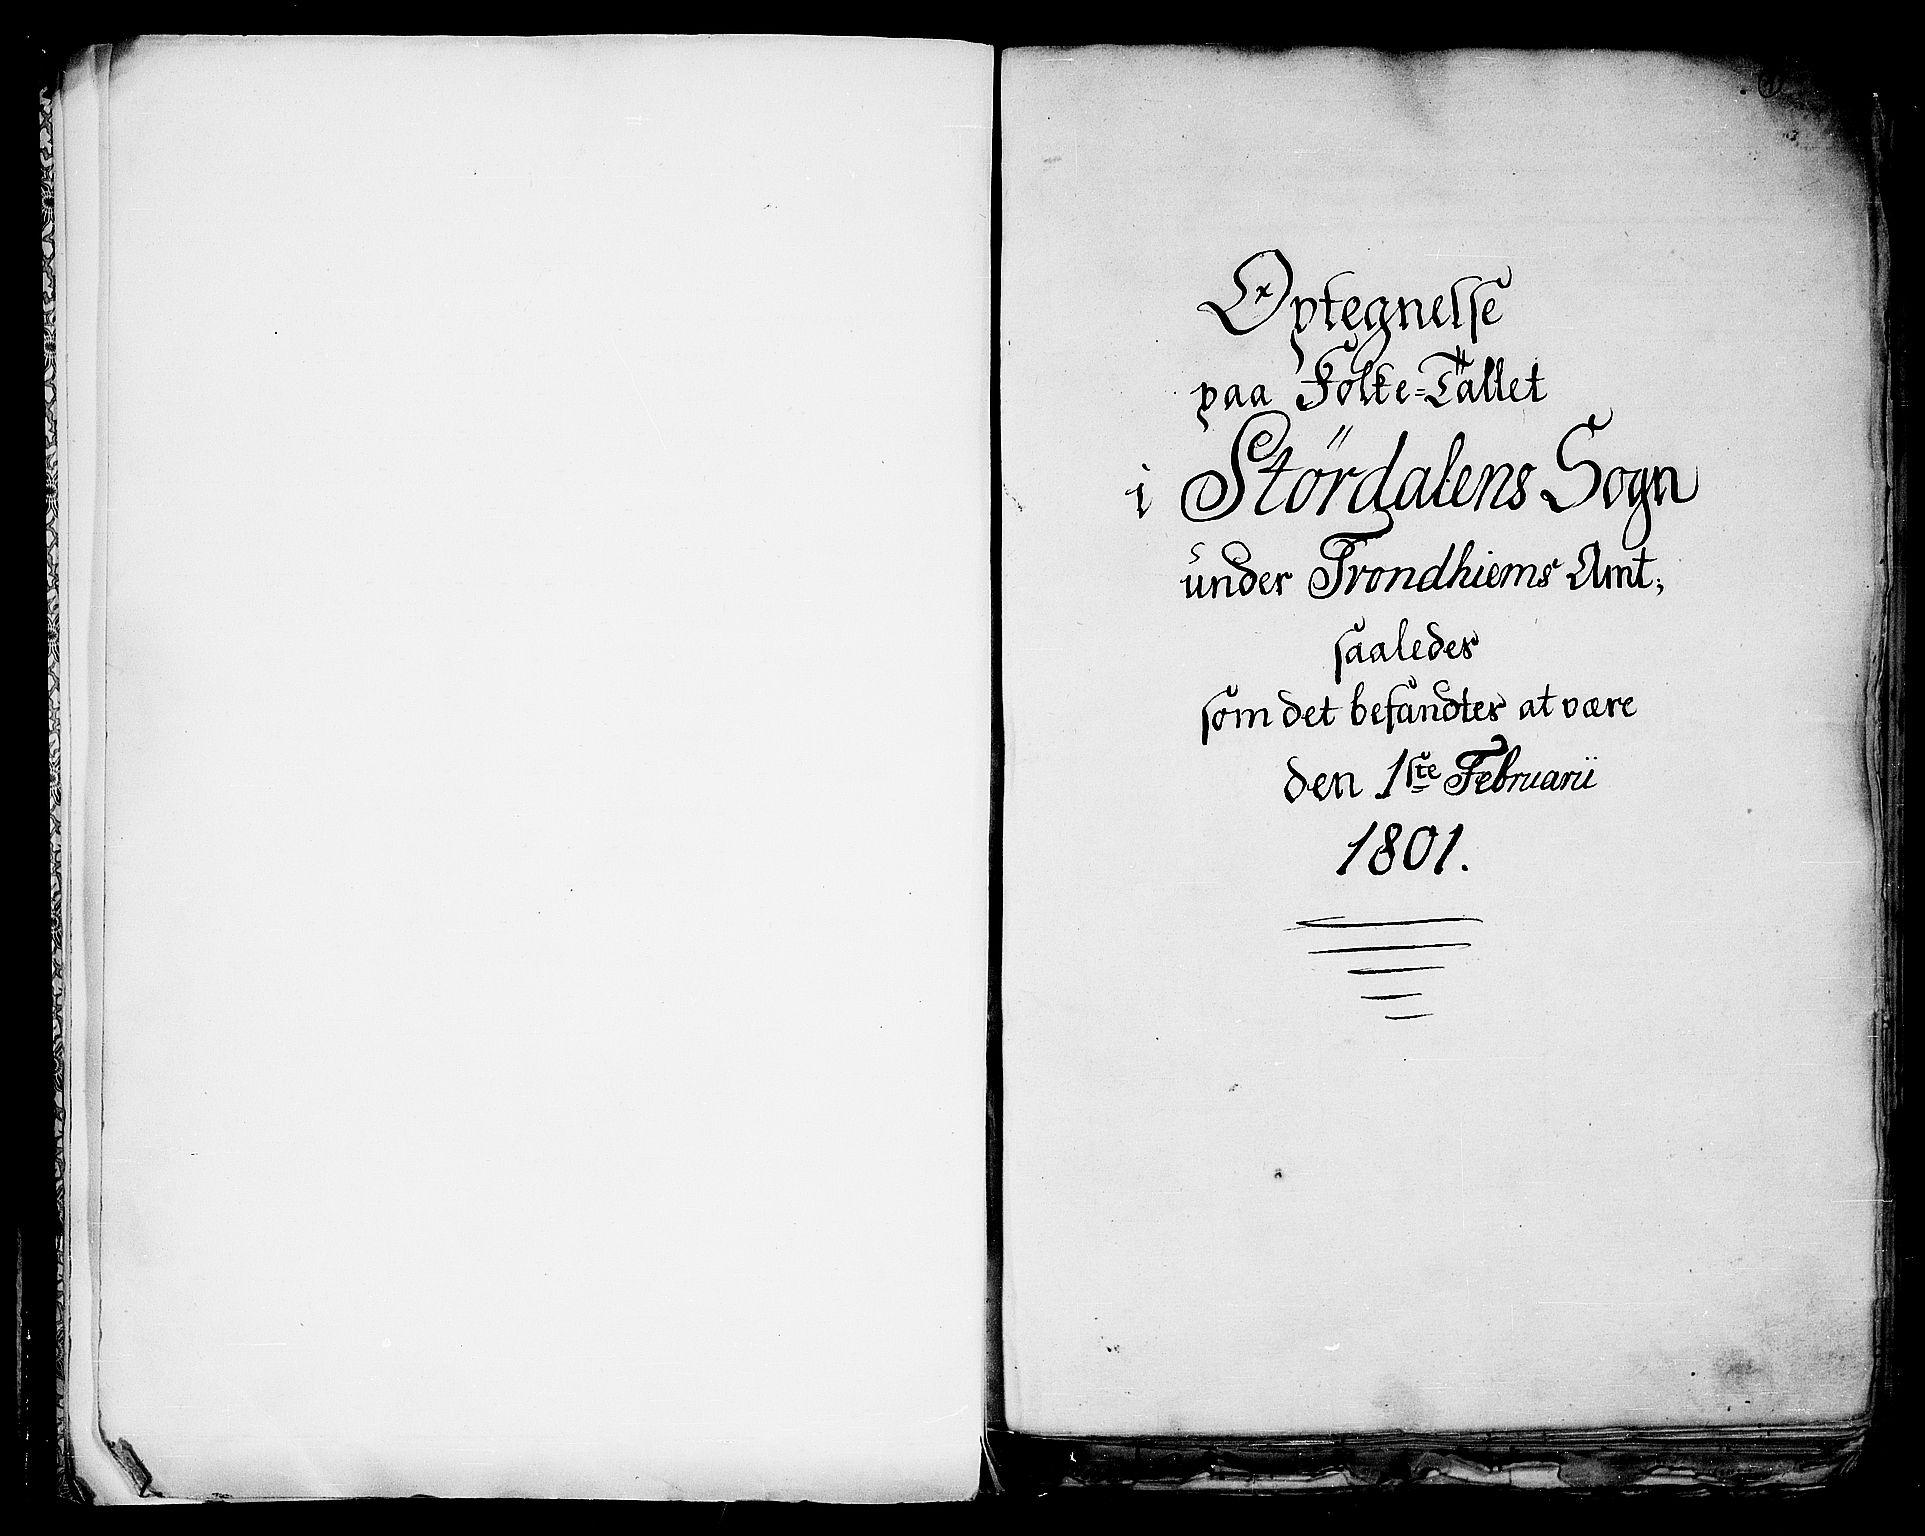 RA, Folketelling 1801 for 1714P Stjørdal prestegjeld, 1801, s. 1a